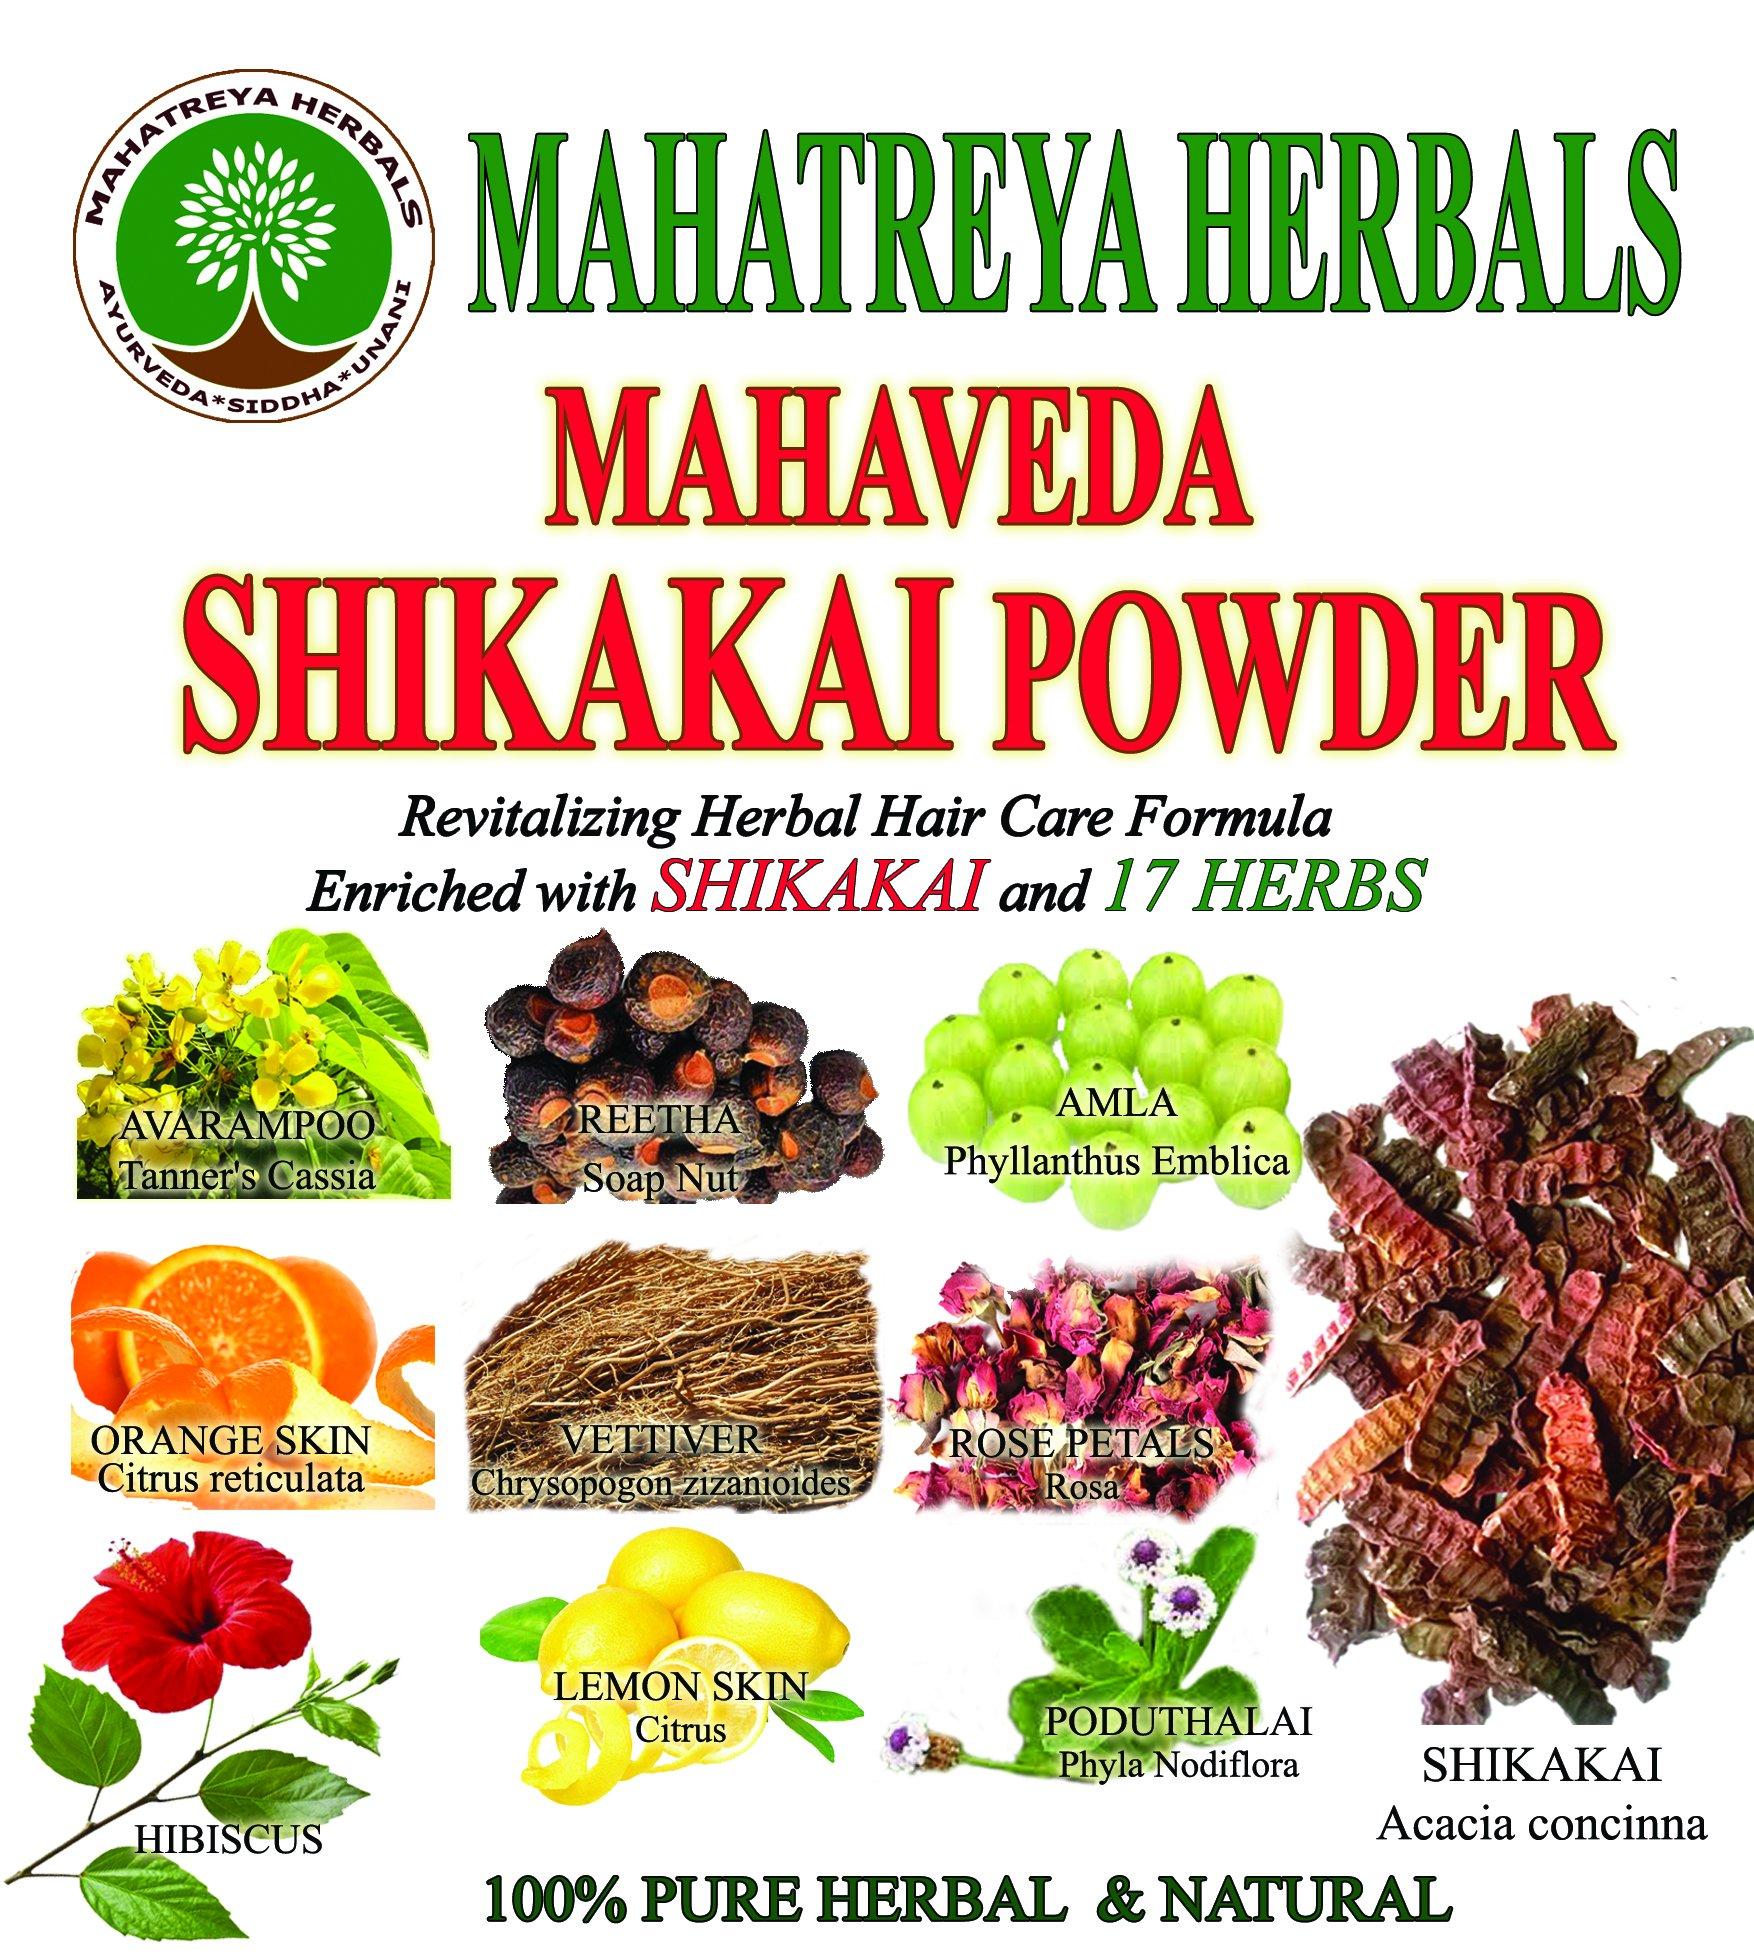 Mahatreya Herbals Shikakai Powder product image